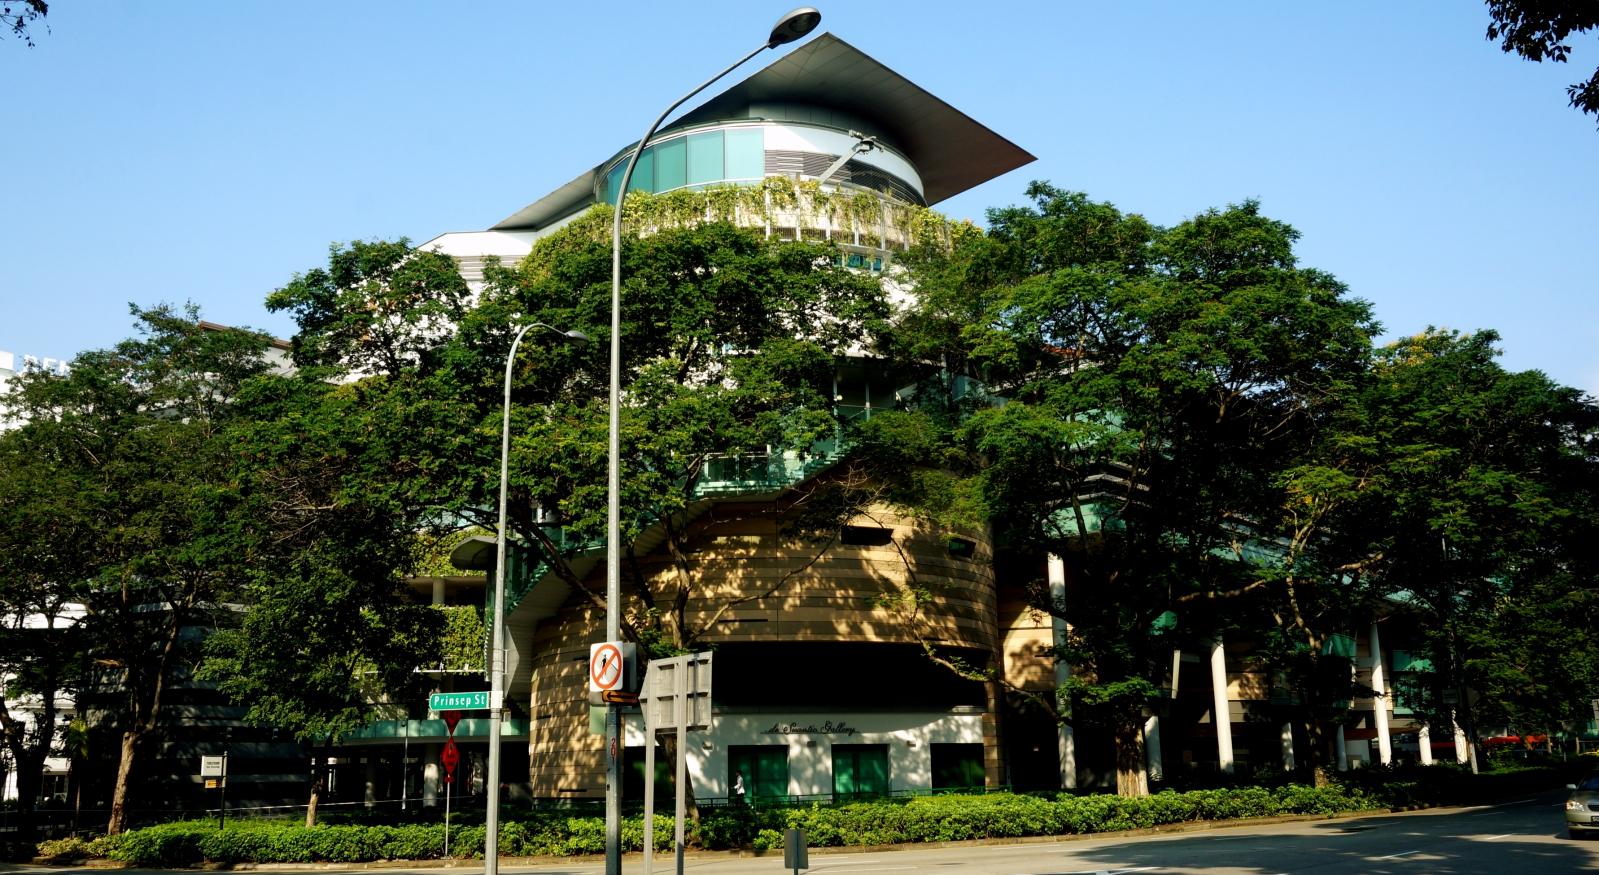 Siłownia, basen, fotele do masażu i łóżka do spania – jak zadbała o mnie singapurska uczelnia